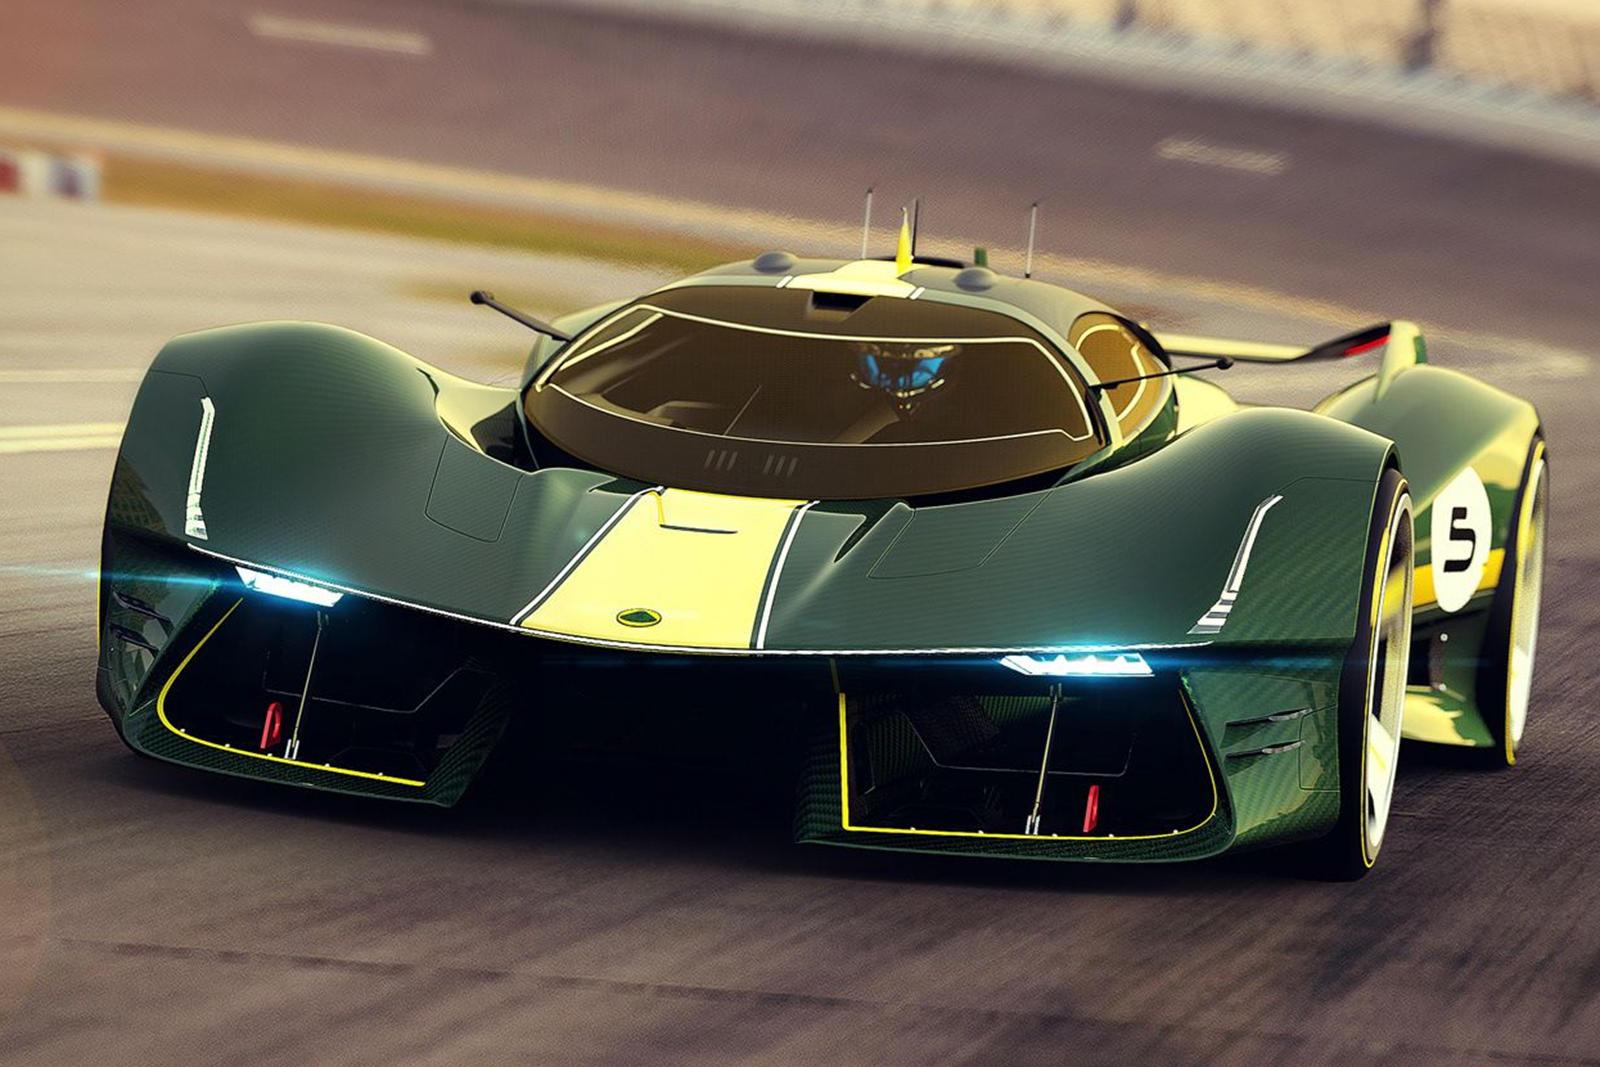 Šef Lotusa kaže da će novi Type 130 biti fascinantan u svakom pogledu